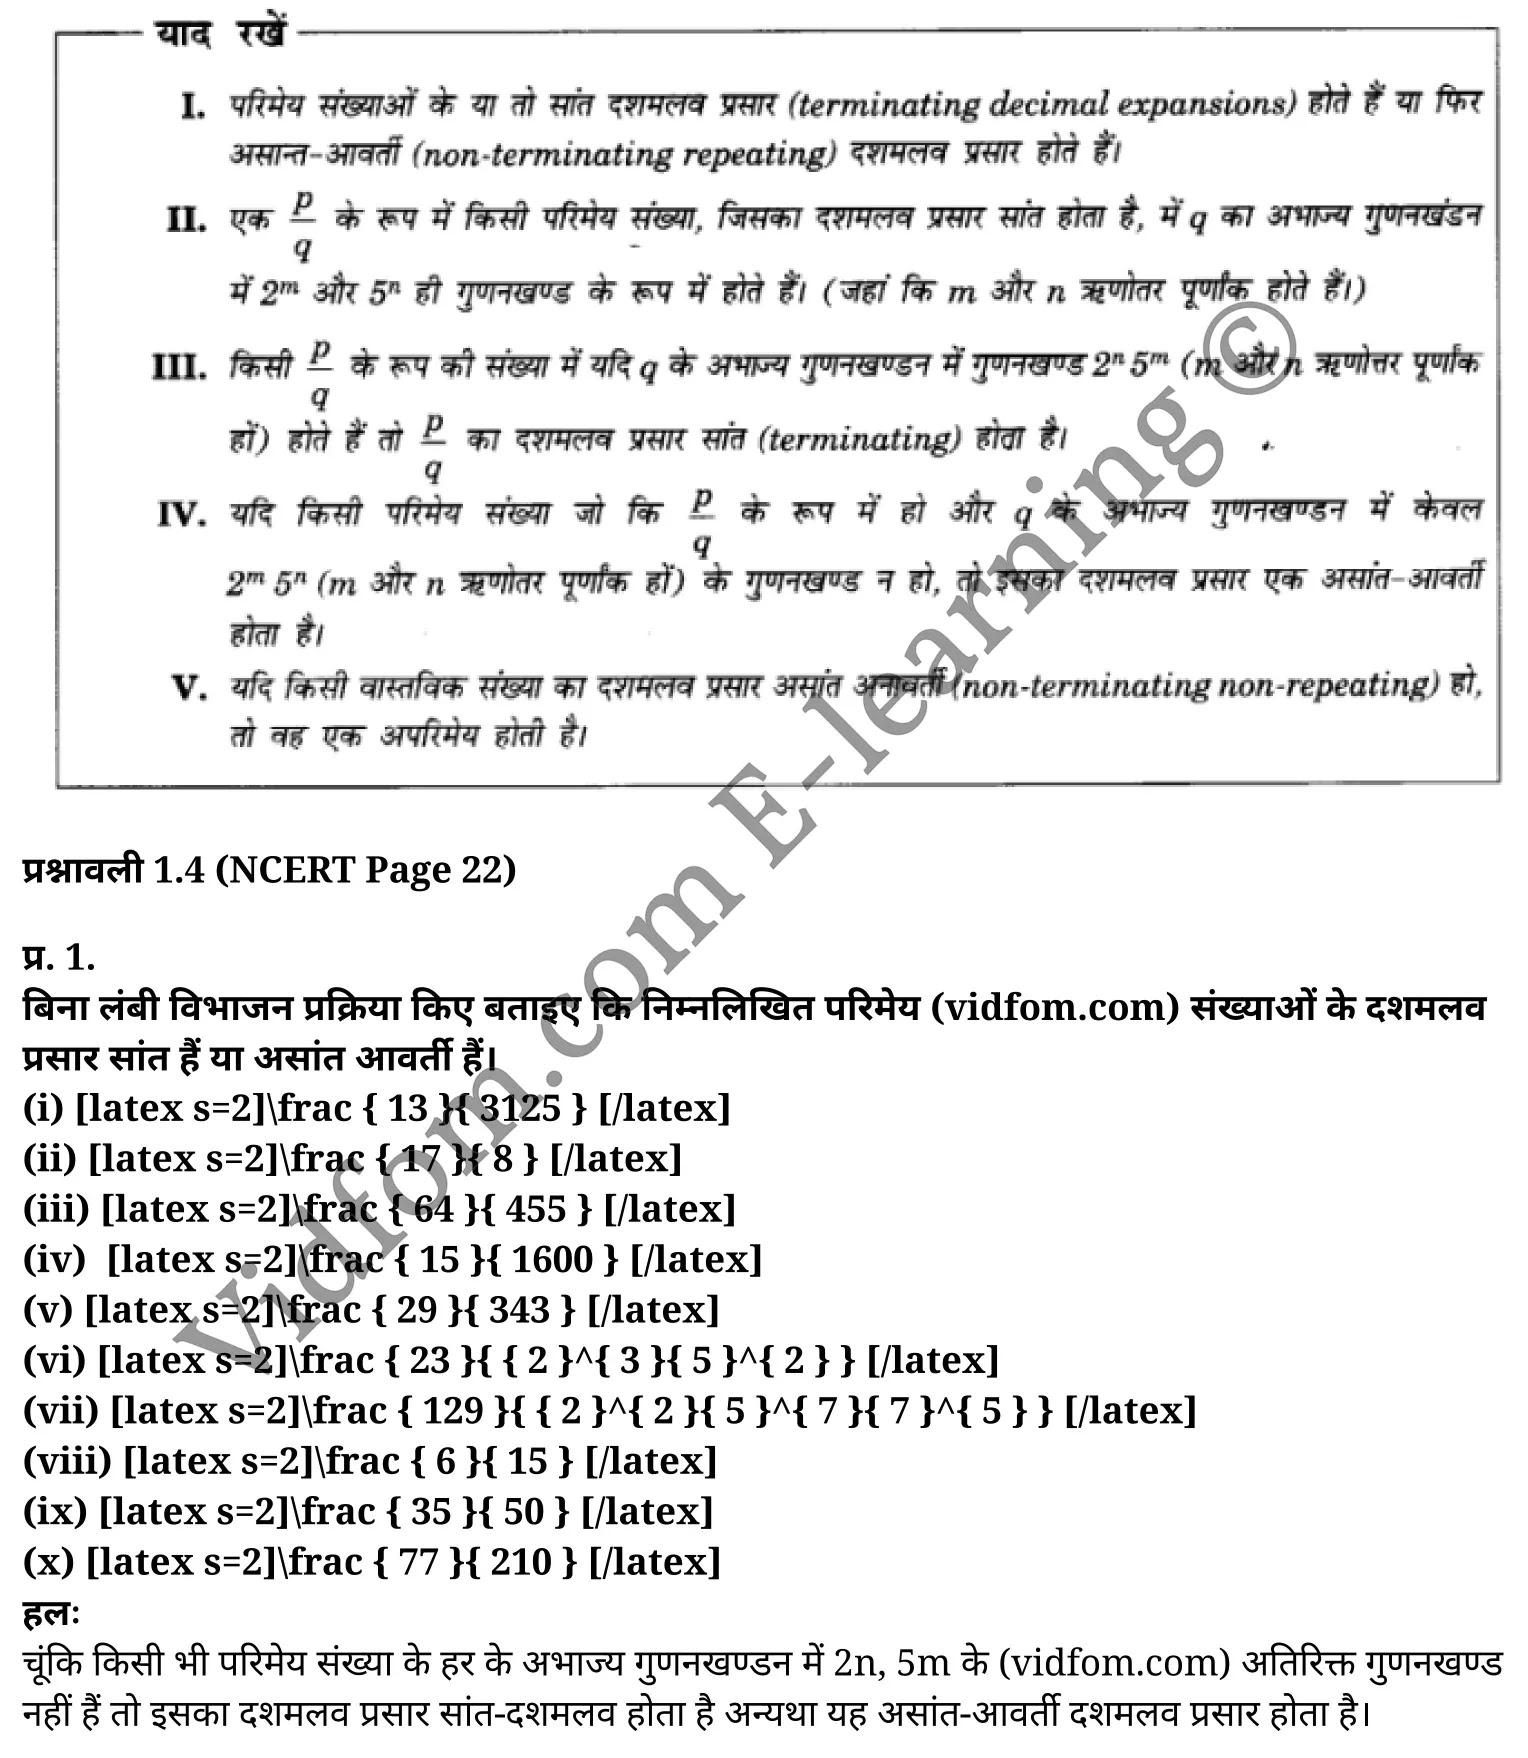 कक्षा 10 गणित  के नोट्स  हिंदी में एनसीईआरटी समाधान,     class 10 Maths chapter 1,   class 10 Maths chapter 1 ncert solutions in Maths,  class 10 Maths chapter 1 notes in hindi,   class 10 Maths chapter 1 question answer,   class 10 Maths chapter 1 notes,   class 10 Maths chapter 1 class 10 Maths  chapter 1 in  hindi,    class 10 Maths chapter 1 important questions in  hindi,   class 10 Maths hindi  chapter 1 notes in hindi,   class 10 Maths  chapter 1 test,   class 10 Maths  chapter 1 class 10 Maths  chapter 1 pdf,   class 10 Maths  chapter 1 notes pdf,   class 10 Maths  chapter 1 exercise solutions,  class 10 Maths  chapter 1,  class 10 Maths  chapter 1 notes study rankers,  class 10 Maths  chapter 1 notes,   class 10 Maths hindi  chapter 1 notes,    class 10 Maths   chapter 1  class 10  notes pdf,  class 10 Maths  chapter 1 class 10  notes  ncert,  class 10 Maths  chapter 1 class 10 pdf,   class 10 Maths  chapter 1  book,   class 10 Maths  chapter 1 quiz class 10  ,    10  th class 10 Maths chapter 1  book up board,   up board 10  th class 10 Maths chapter 1 notes,  class 10 Maths,   class 10 Maths ncert solutions in Maths,   class 10 Maths notes in hindi,   class 10 Maths question answer,   class 10 Maths notes,  class 10 Maths class 10 Maths  chapter 1 in  hindi,    class 10 Maths important questions in  hindi,   class 10 Maths notes in hindi,    class 10 Maths test,  class 10 Maths class 10 Maths  chapter 1 pdf,   class 10 Maths notes pdf,   class 10 Maths exercise solutions,   class 10 Maths,  class 10 Maths notes study rankers,   class 10 Maths notes,  class 10 Maths notes,   class 10 Maths  class 10  notes pdf,   class 10 Maths class 10  notes  ncert,   class 10 Maths class 10 pdf,   class 10 Maths  book,  class 10 Maths quiz class 10  ,  10  th class 10 Maths    book up board,    up board 10  th class 10 Maths notes,      कक्षा 10 गणित अध्याय 1 ,  कक्षा 10 गणित, कक्षा 10 गणित अध्याय 1  के नोट्स हिंदी में,  कक्षा 10 का गणित अध्याय 1 का प्रश्न उत्तर,  कक्षा 